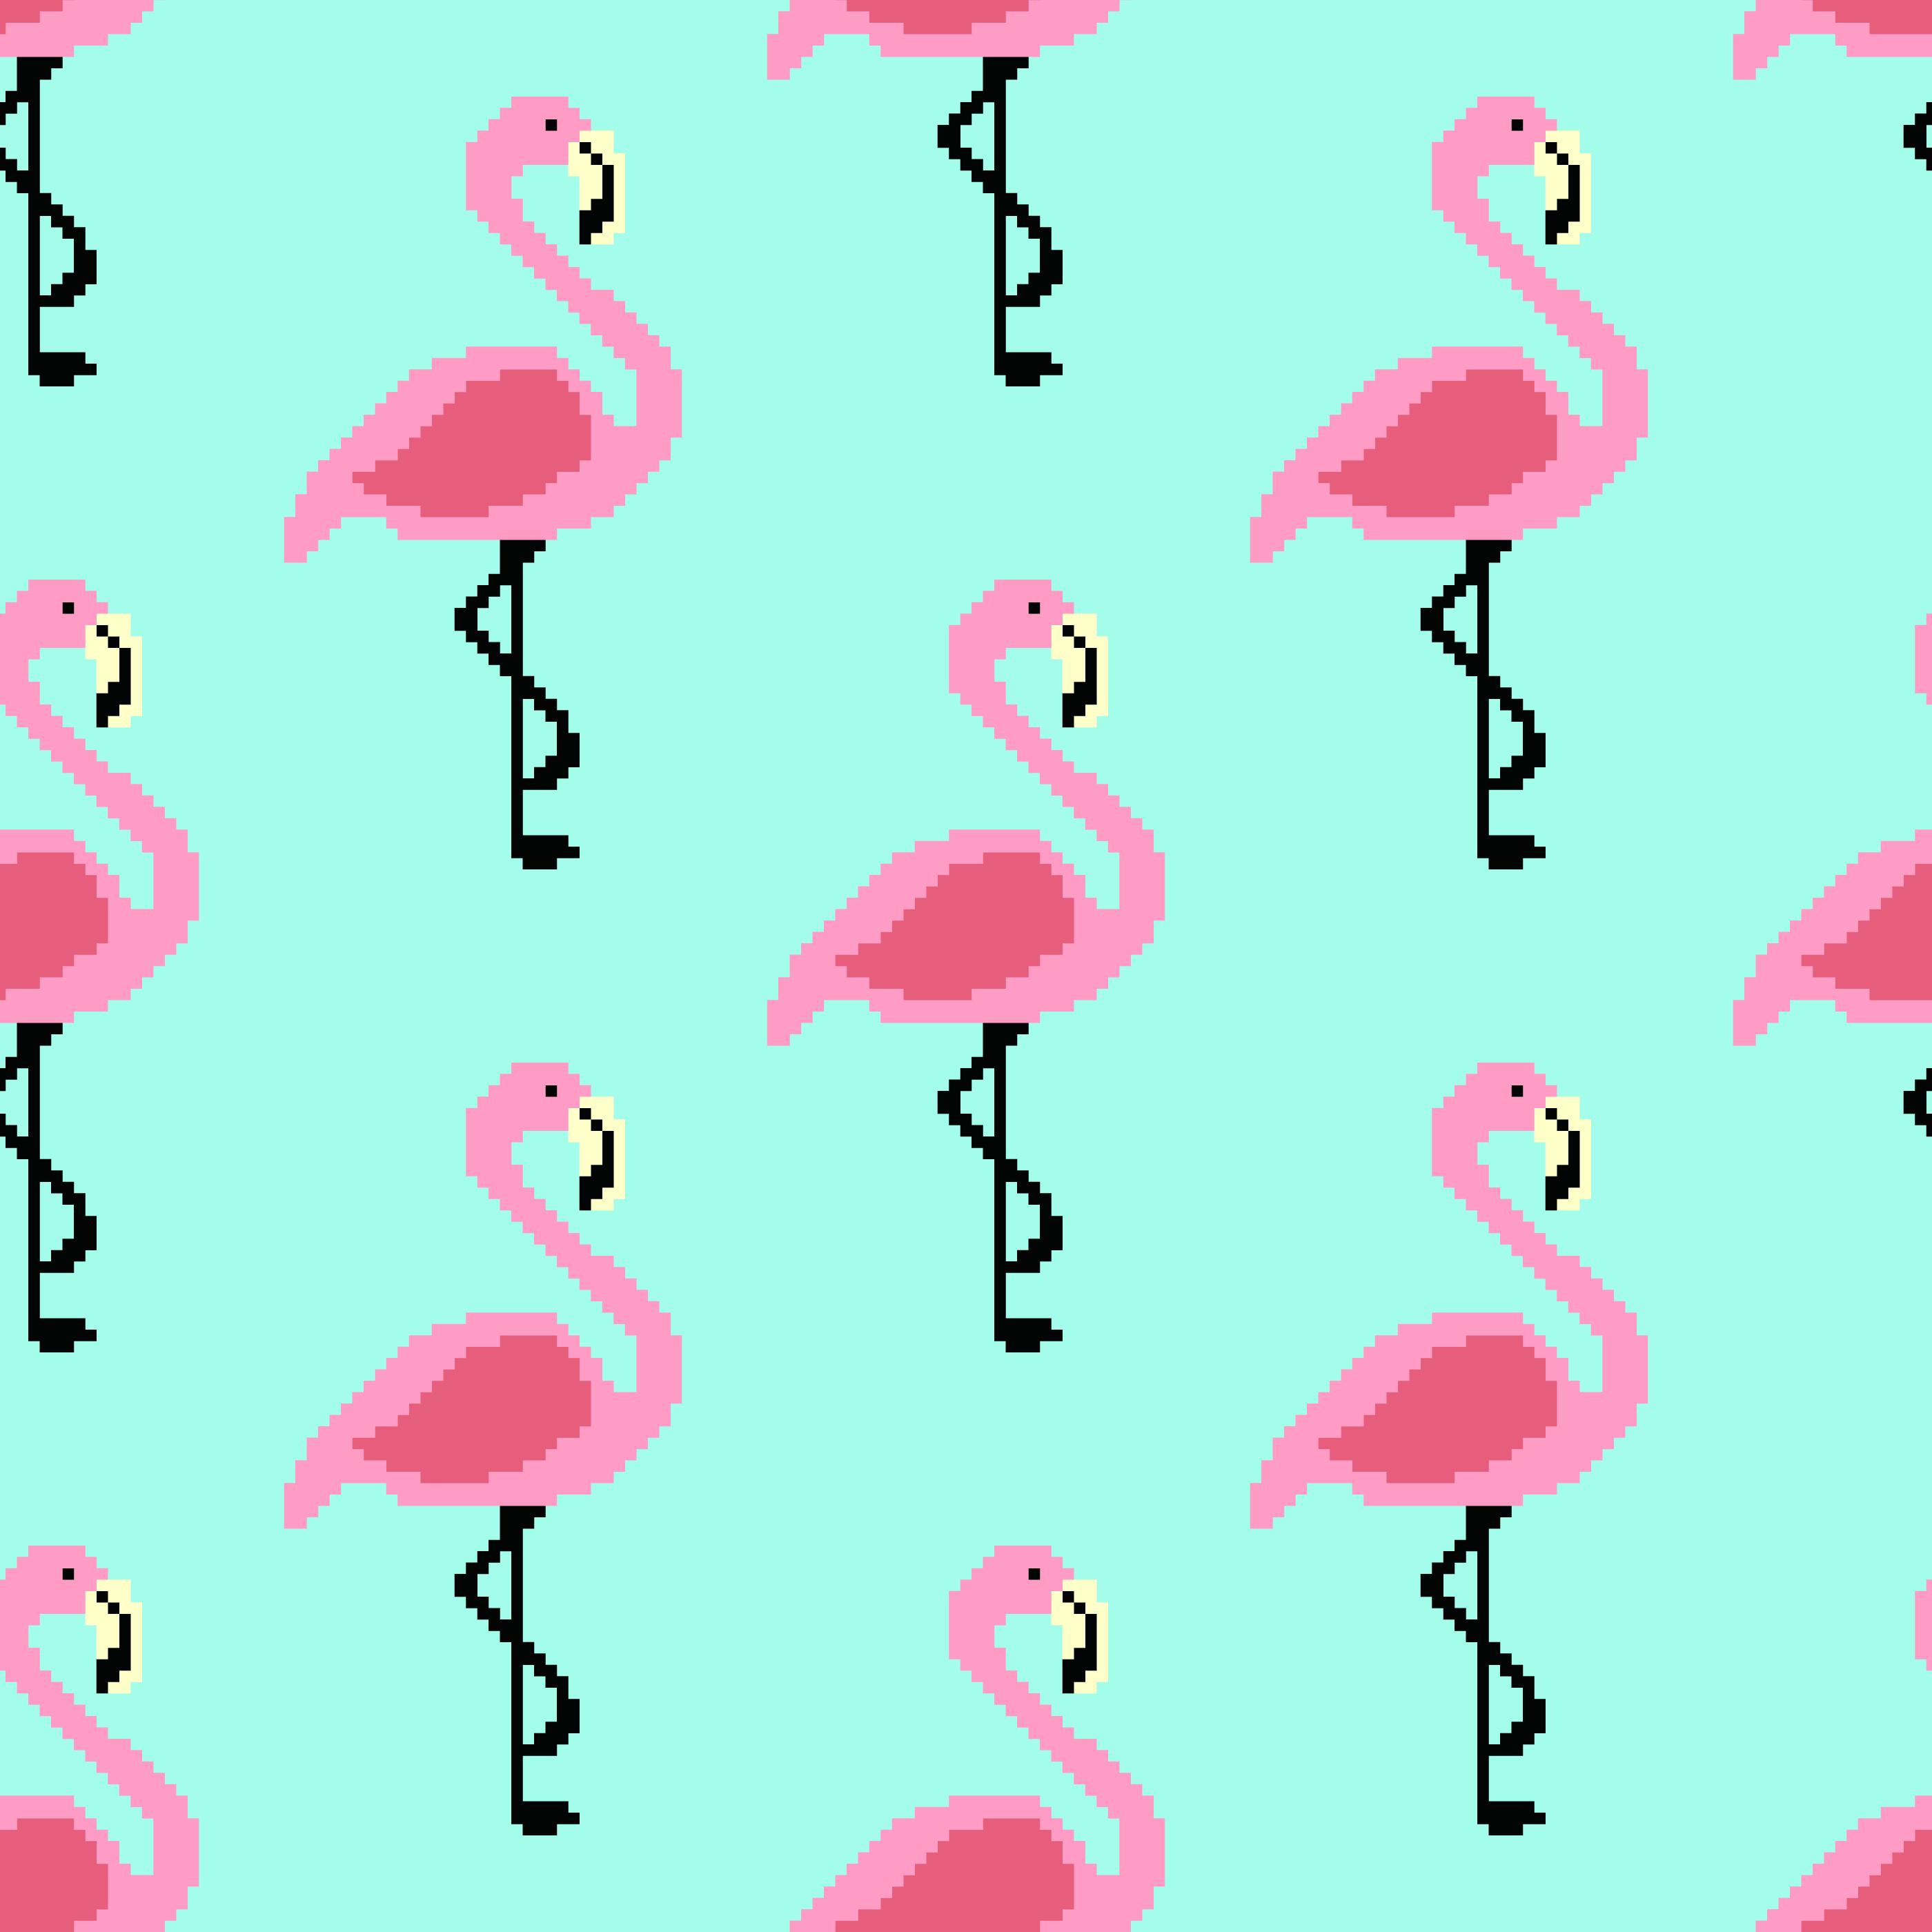 Modele De Vecteur Flamingo Art Pixel Telecharger Vectoriel Gratuit Clipart Graphique Vecteur Dessins Et Pictogramme Gratuit